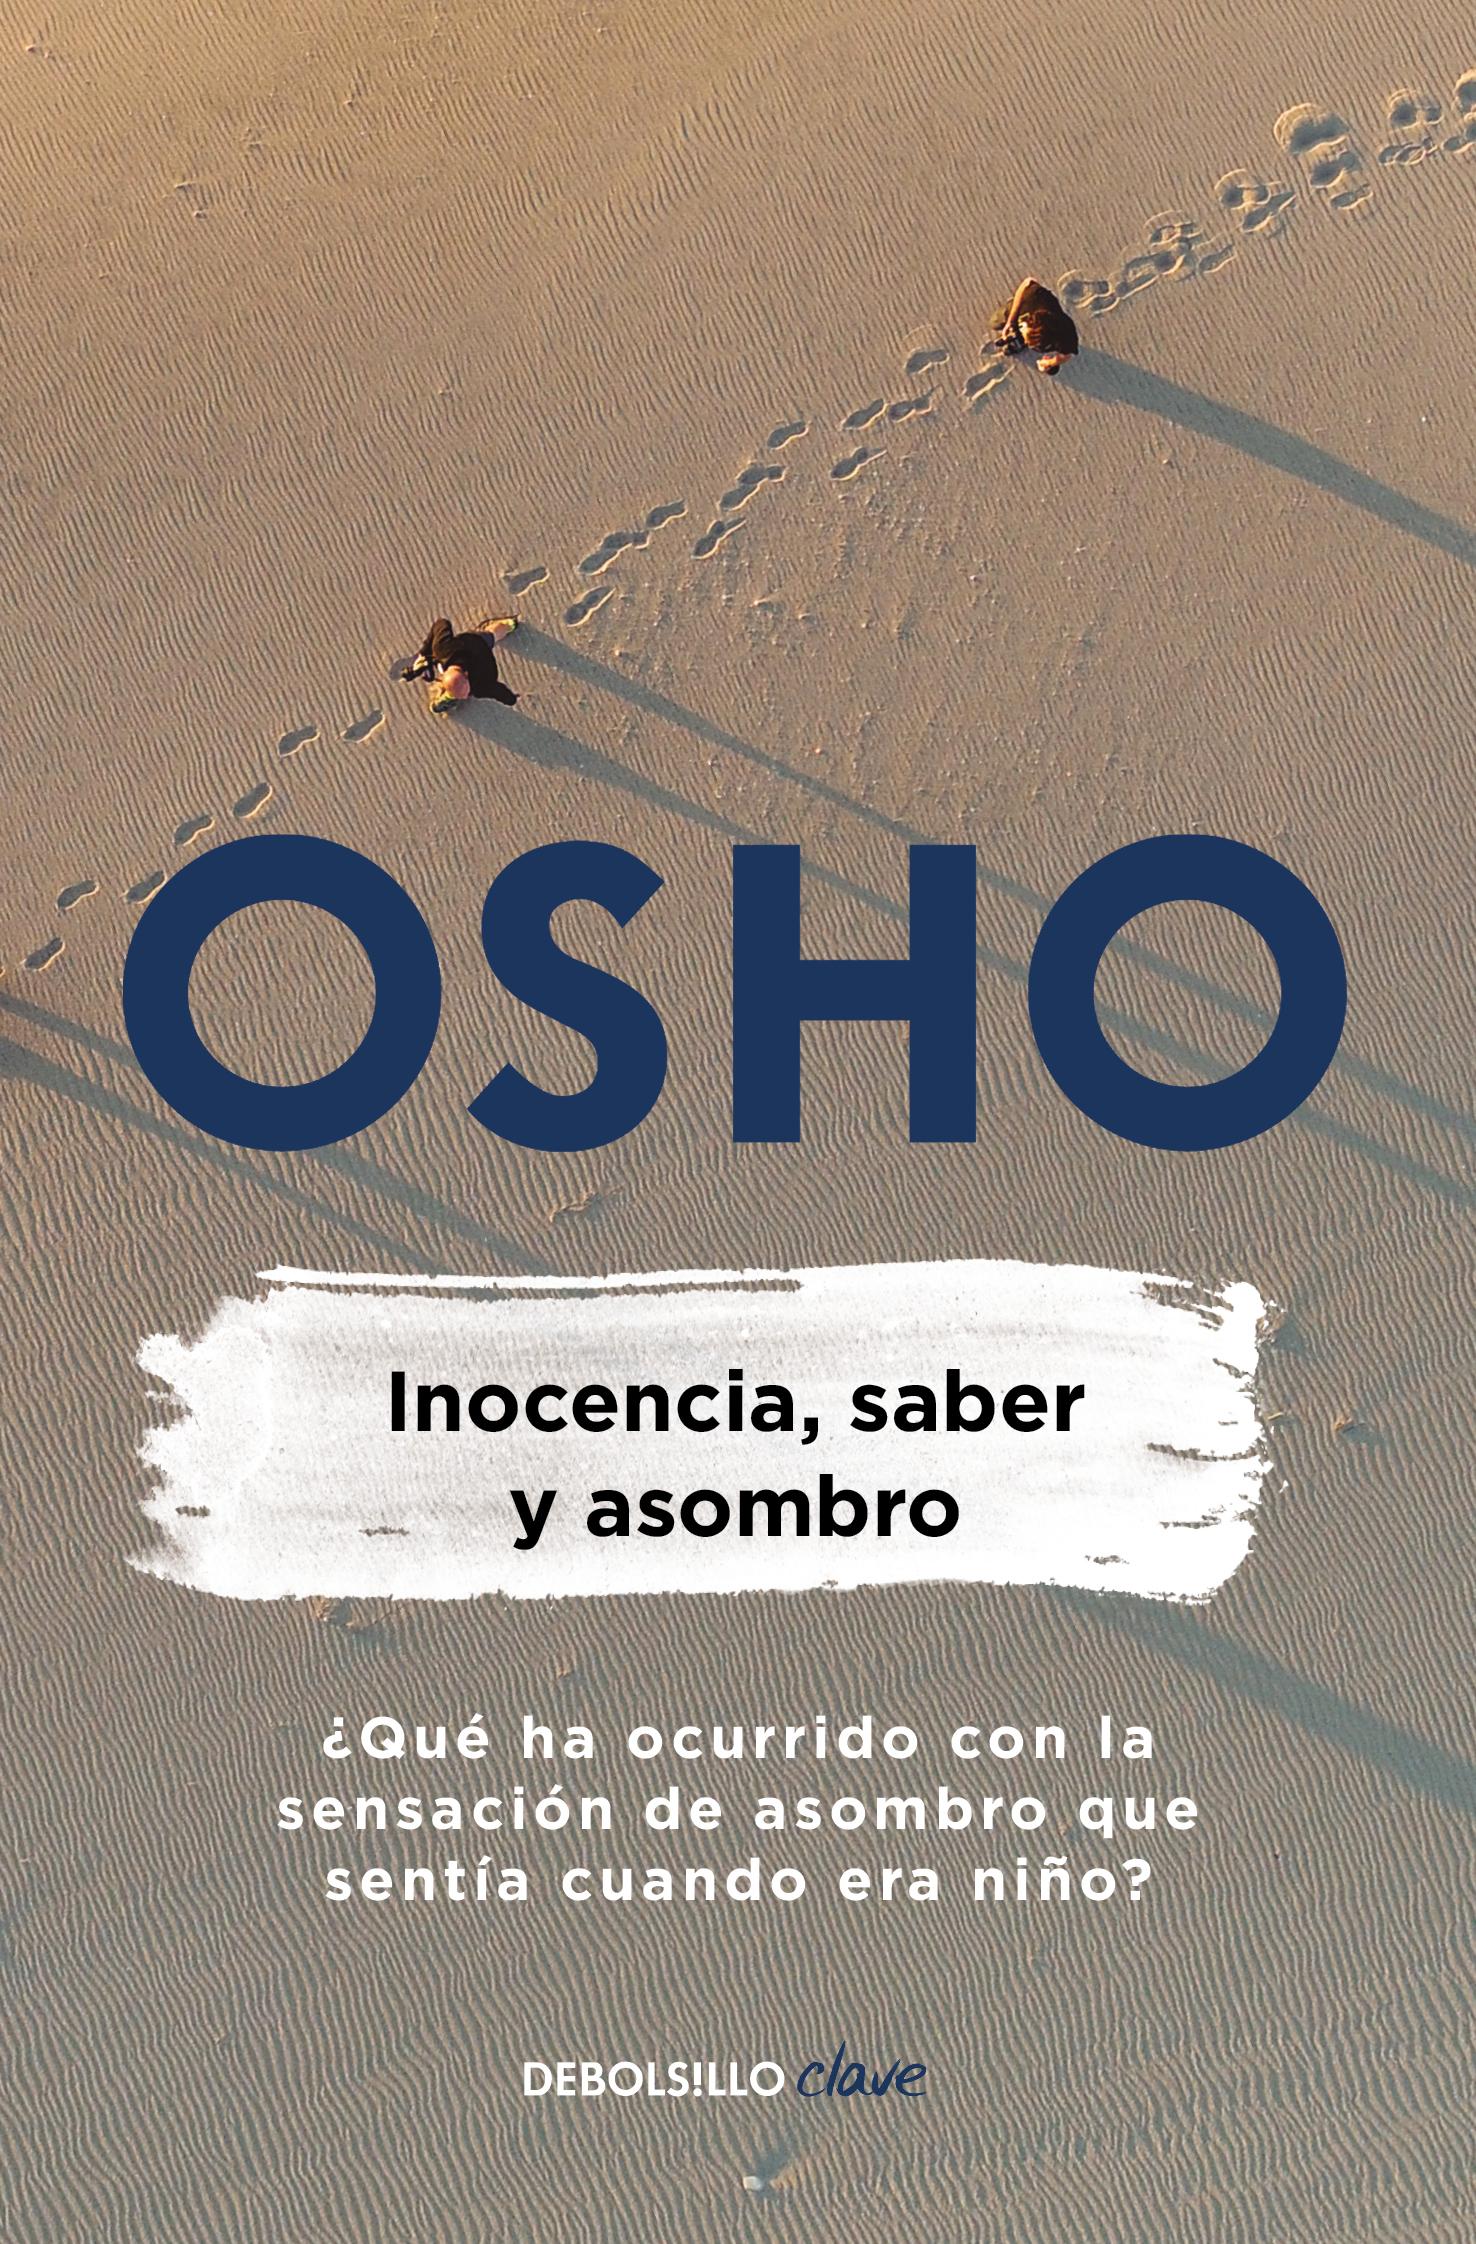 INOCENCIA, SABER Y ASOMBRO